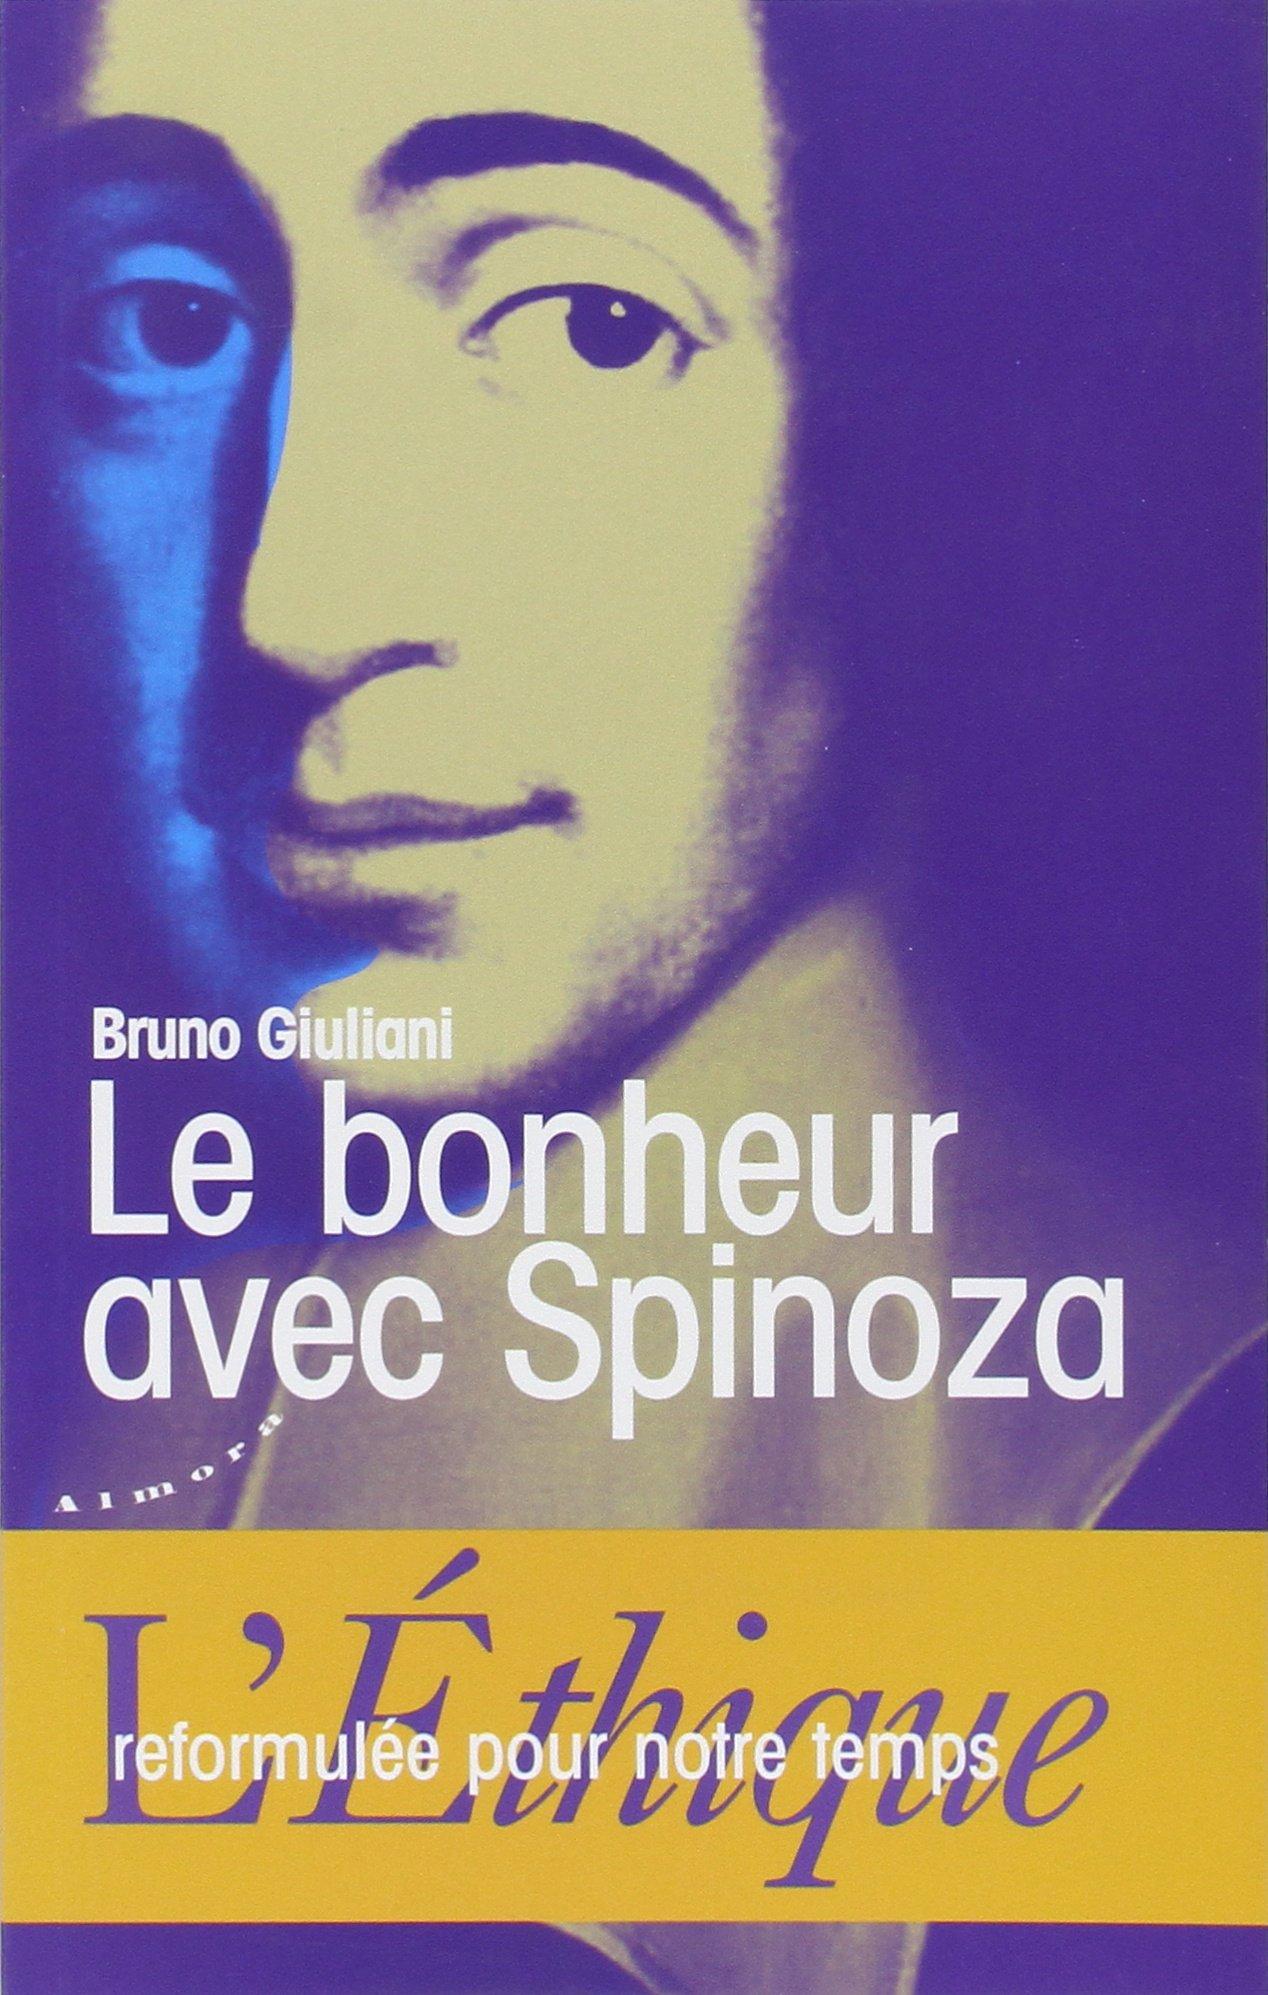 Le bonheur avec Spinoza : L'Ethique reformulée pour notre temps: Amazon.fr:  Bruno Giuliani: Livres